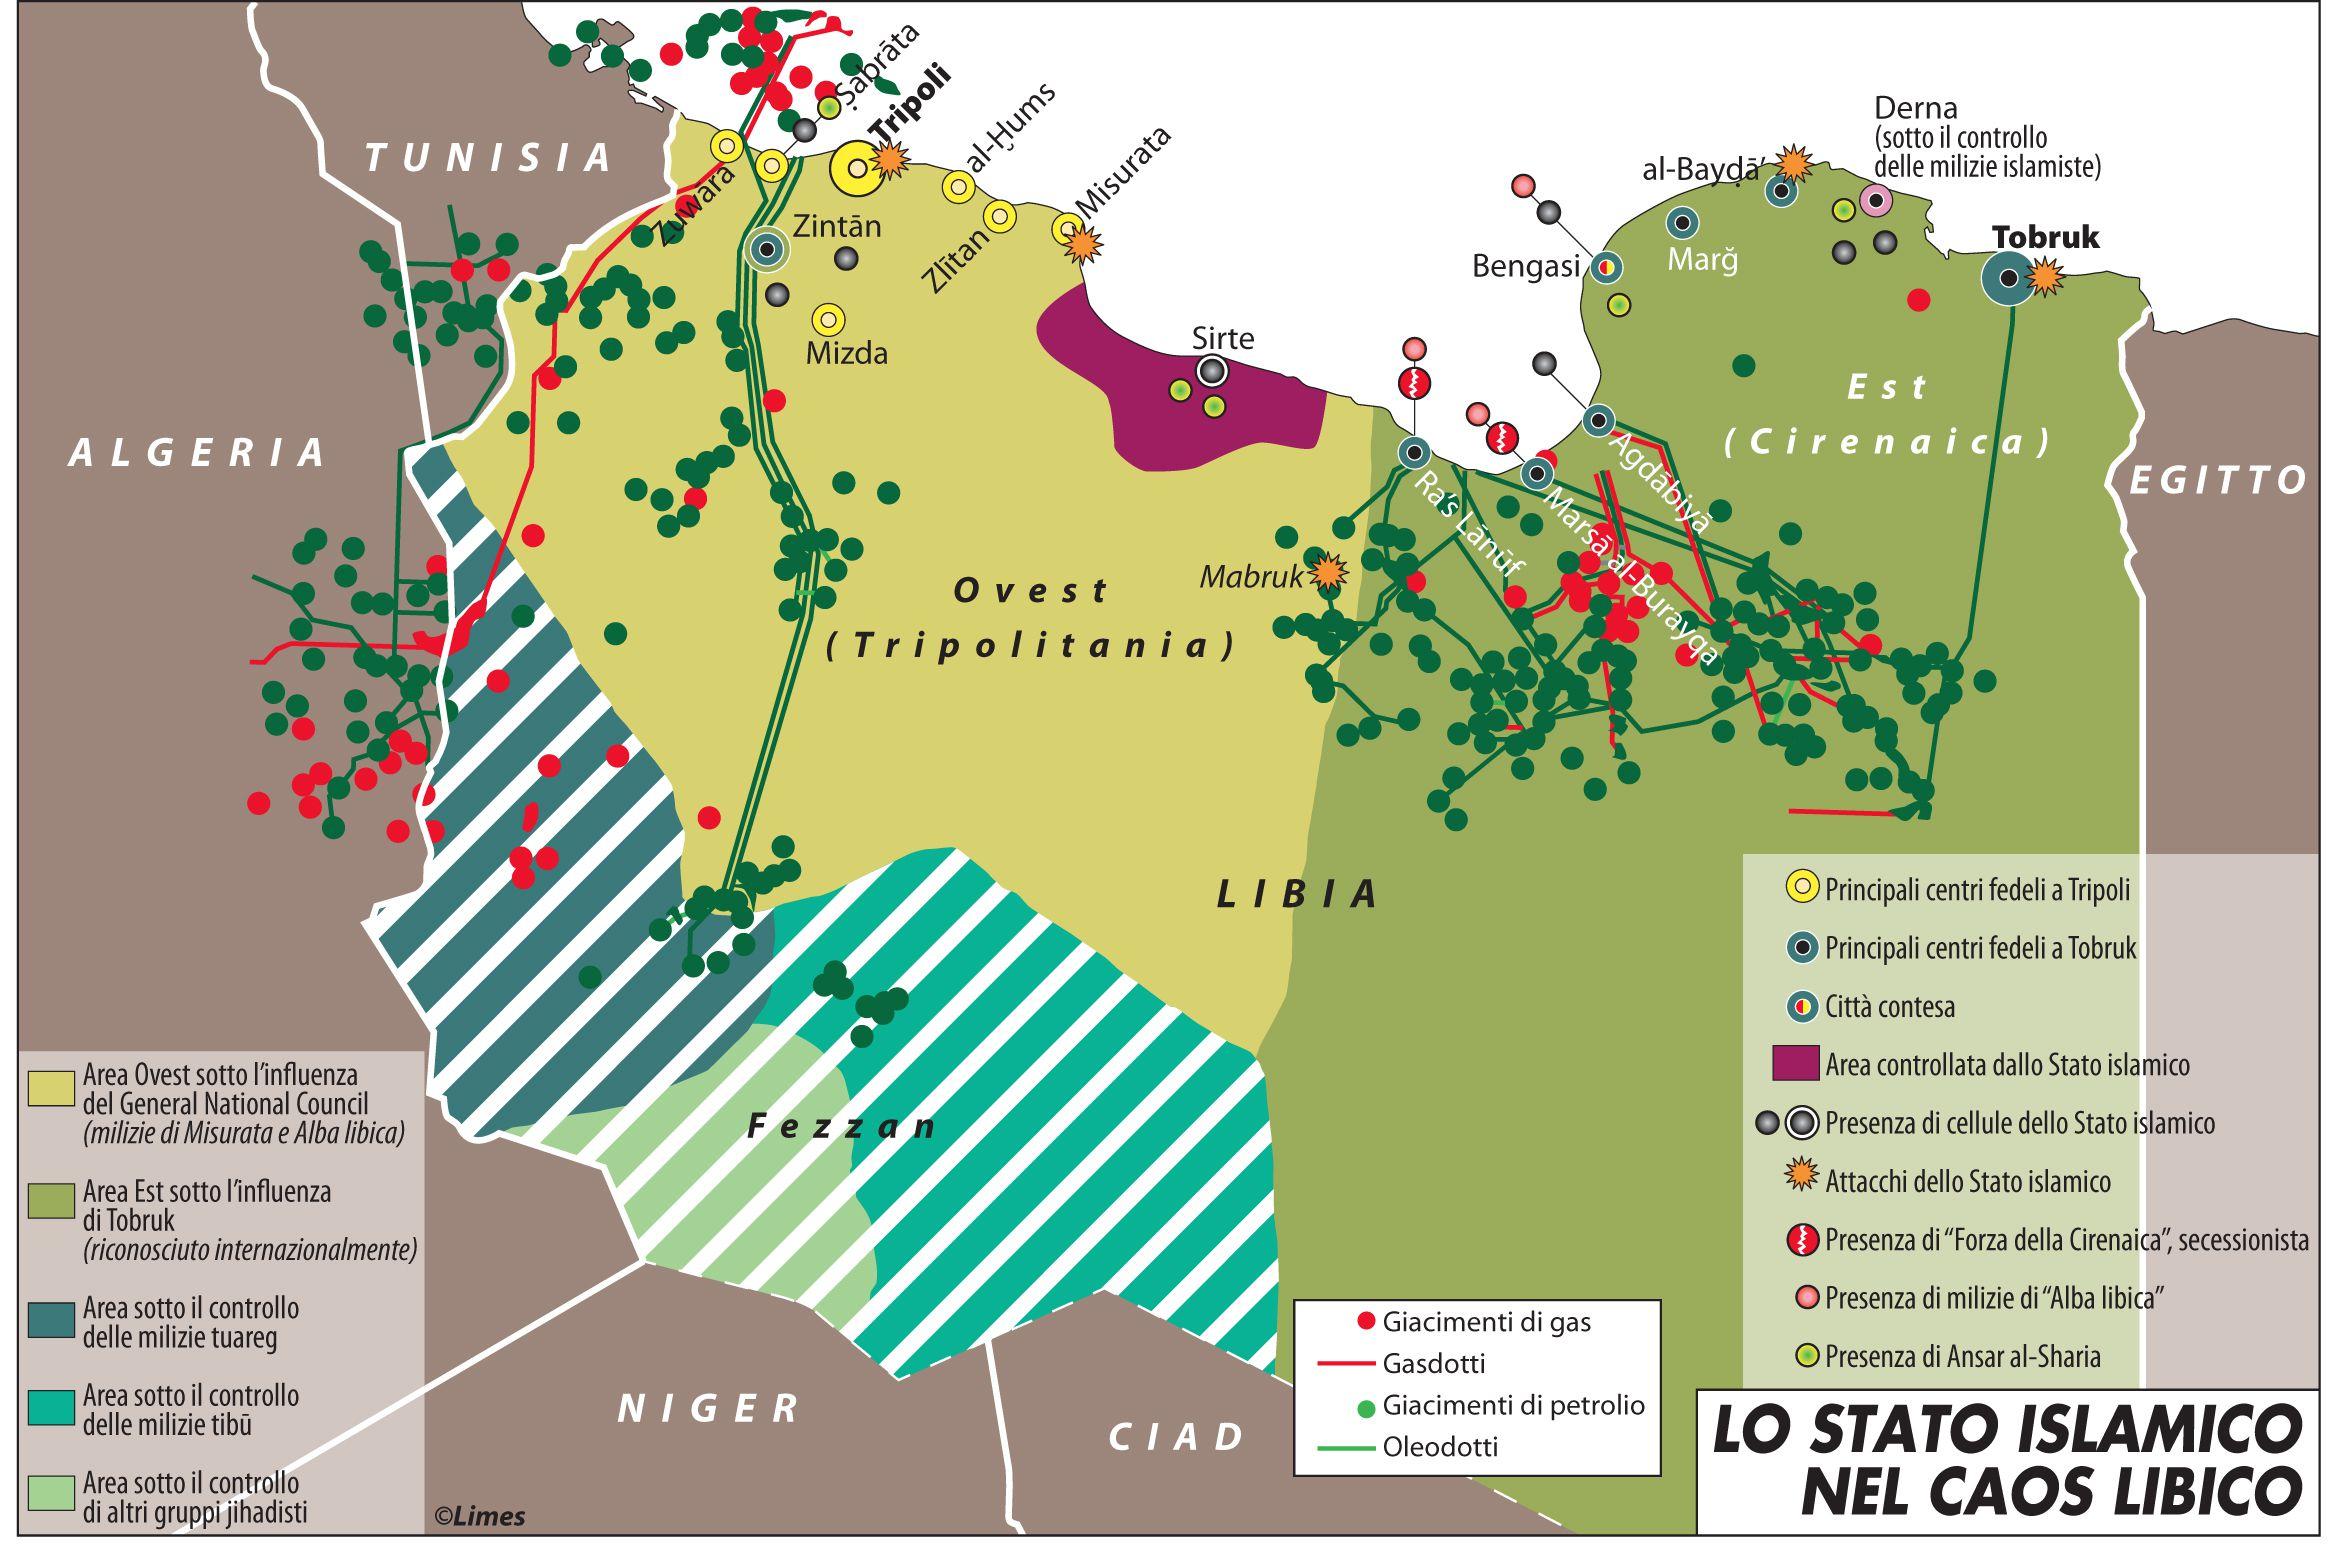 Lo stato islamico nel caos libico